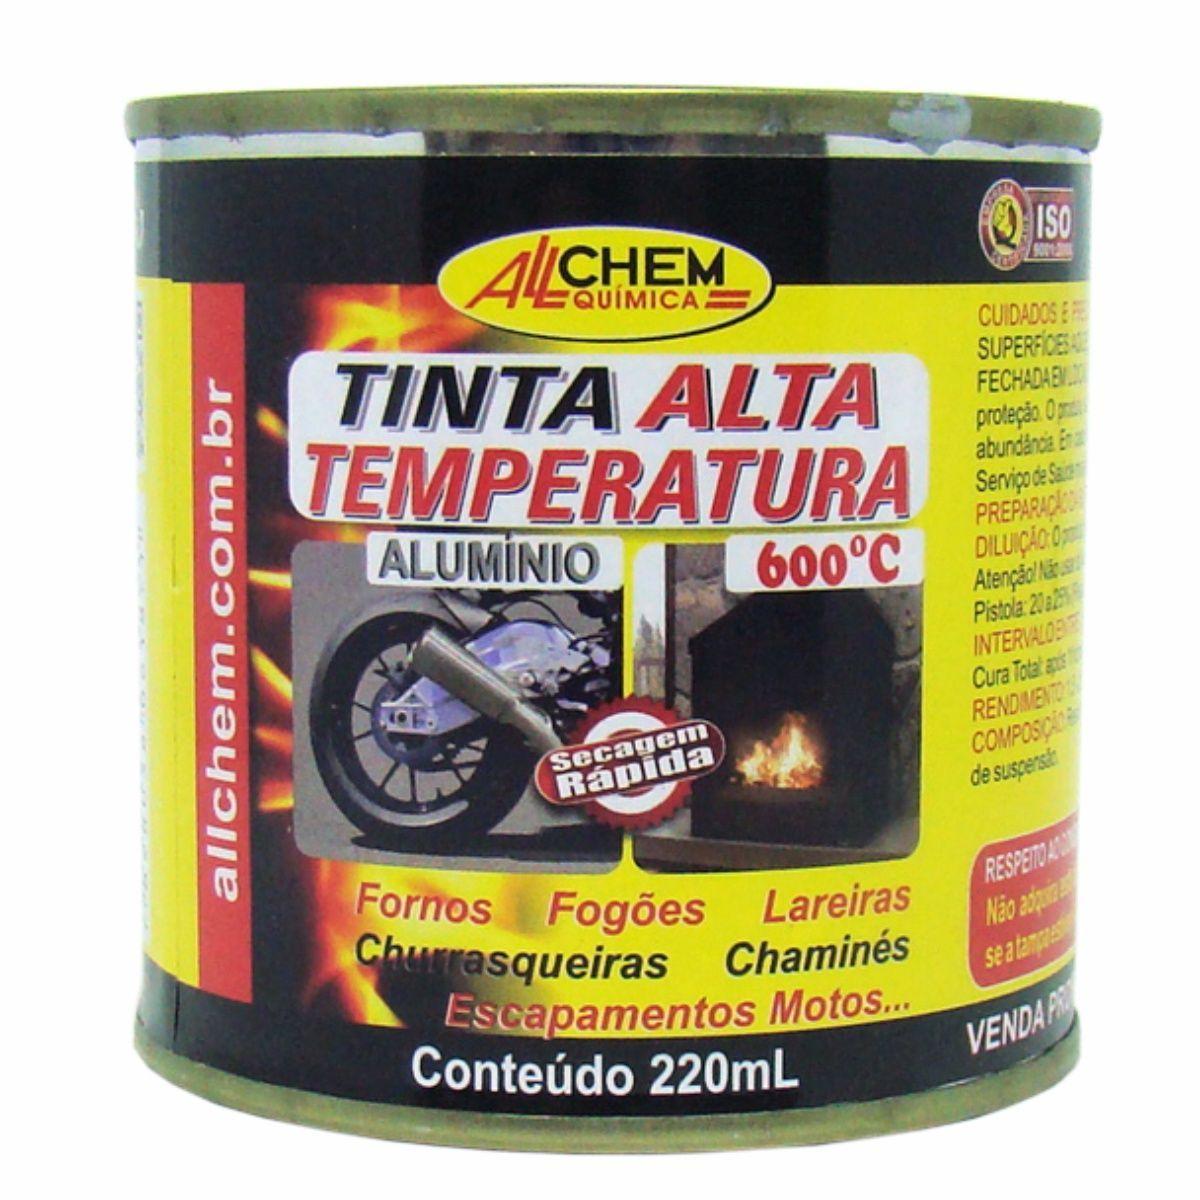 tinta-alta-temperatura-aluminio-allchem